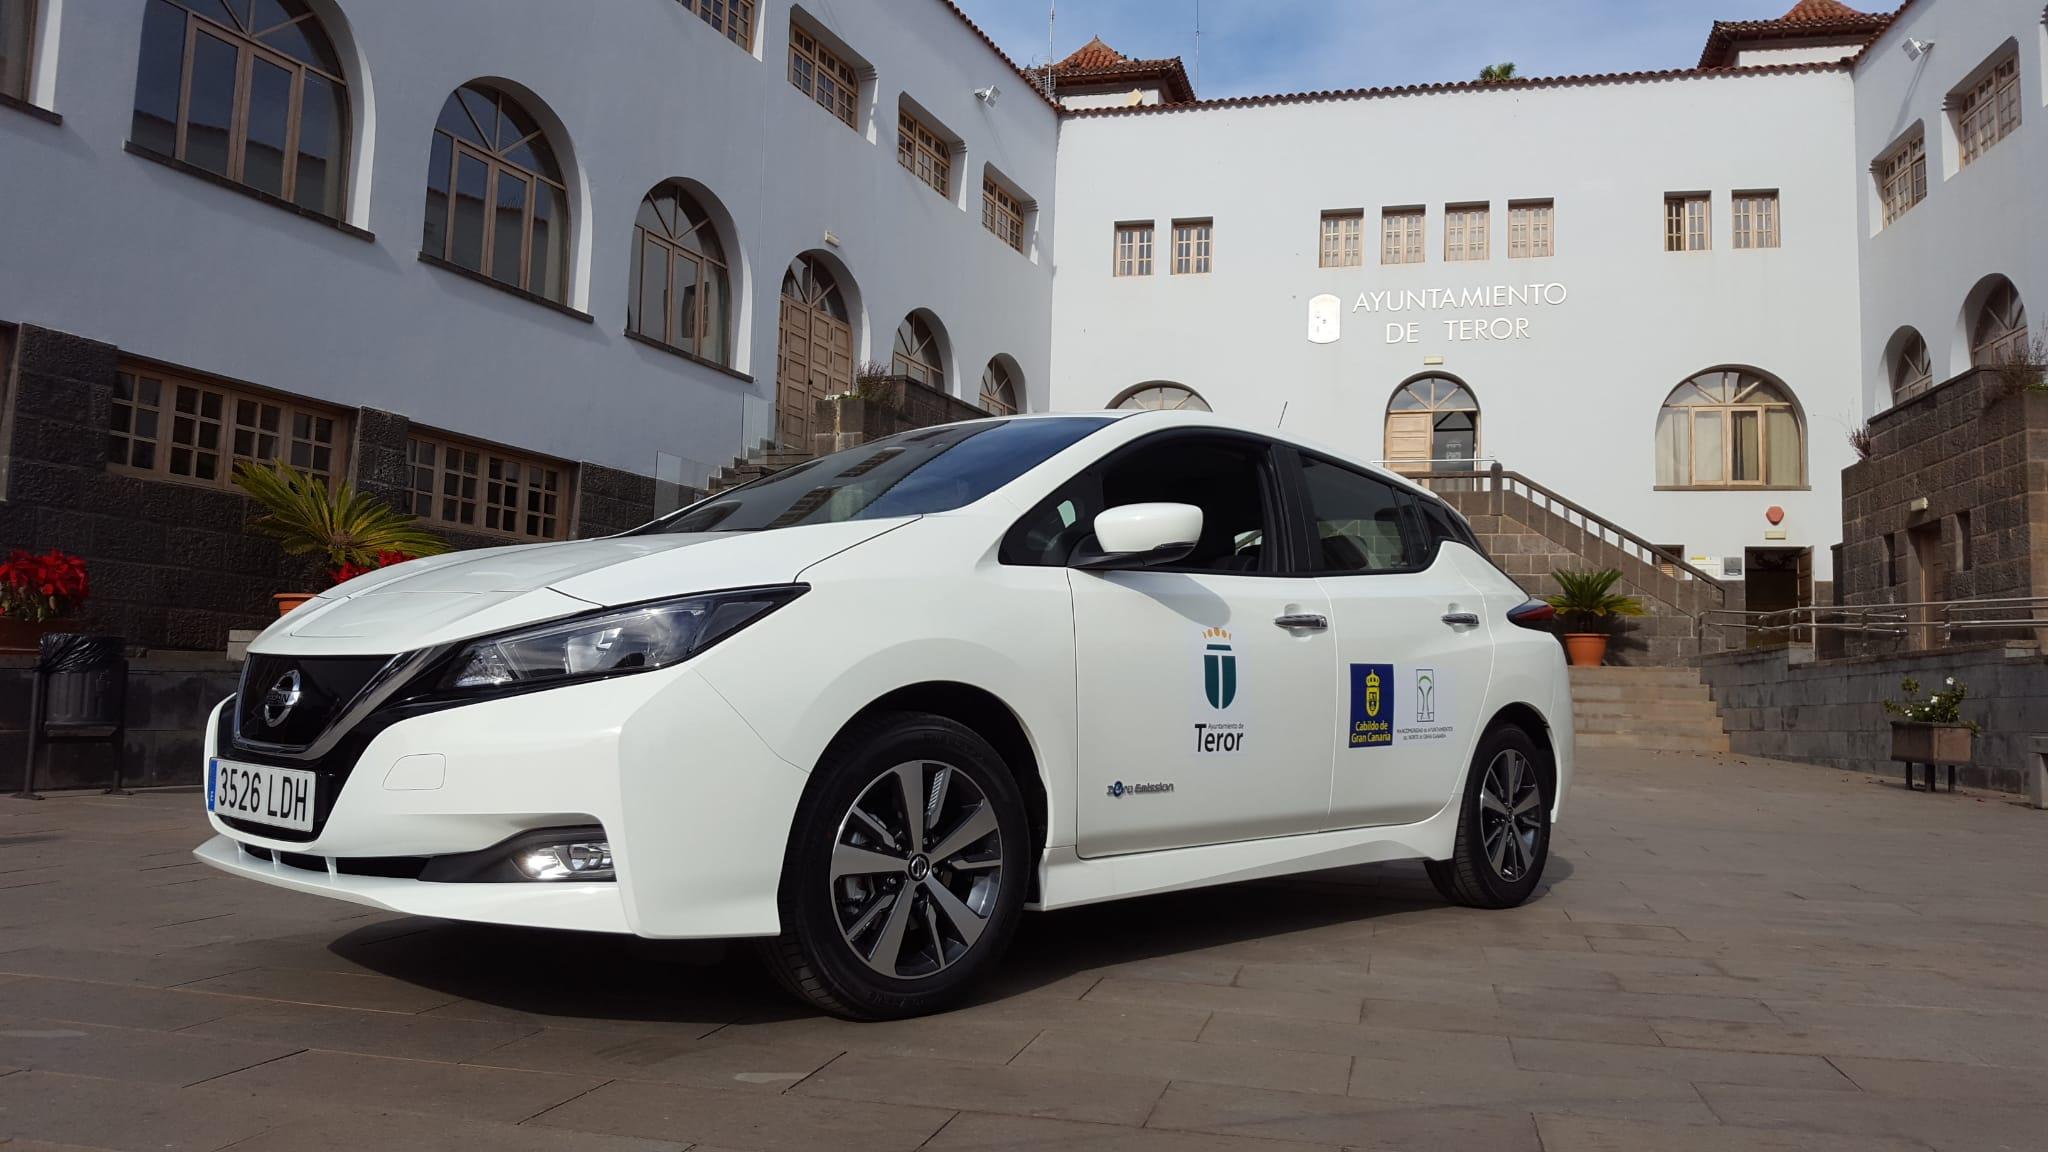 El Ayuntamiento de Teror incorpora el primer coche eléctrico a su parque móvil